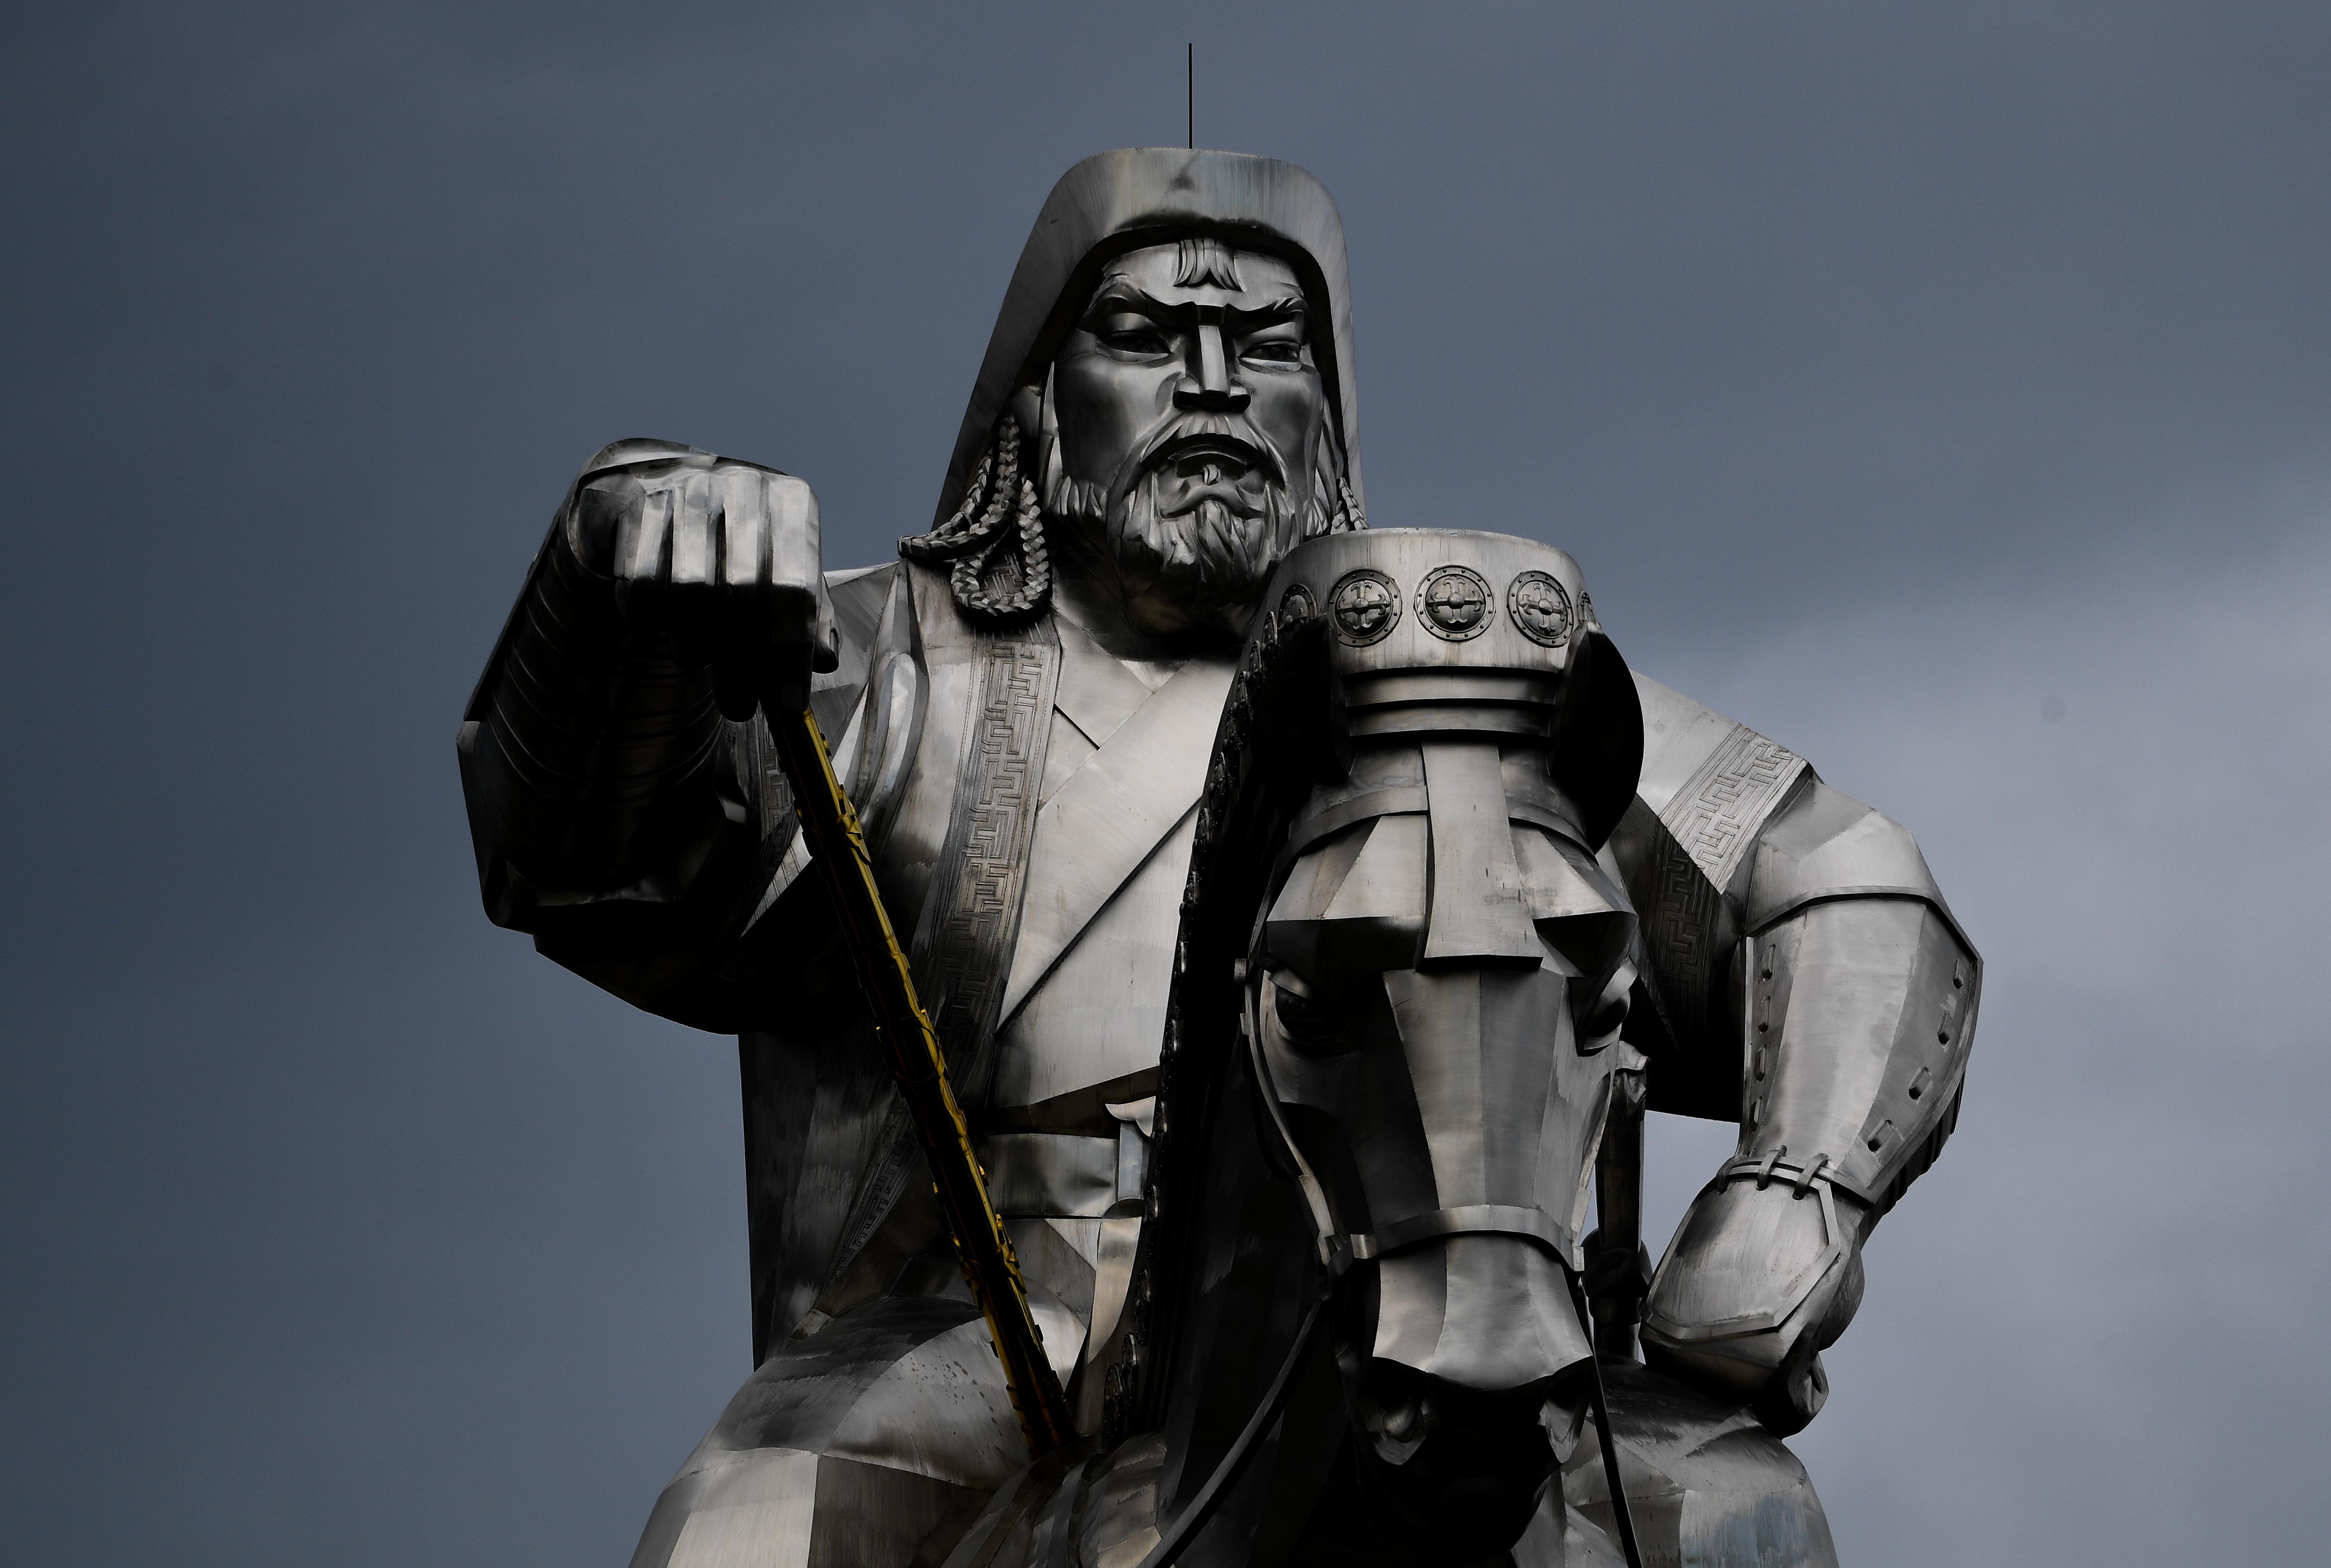 A kínai kormány tiltakozott, hogy egy Dzsingisz Kánról szóló kiállításon használni akarták Dzsingisz Kán nevét